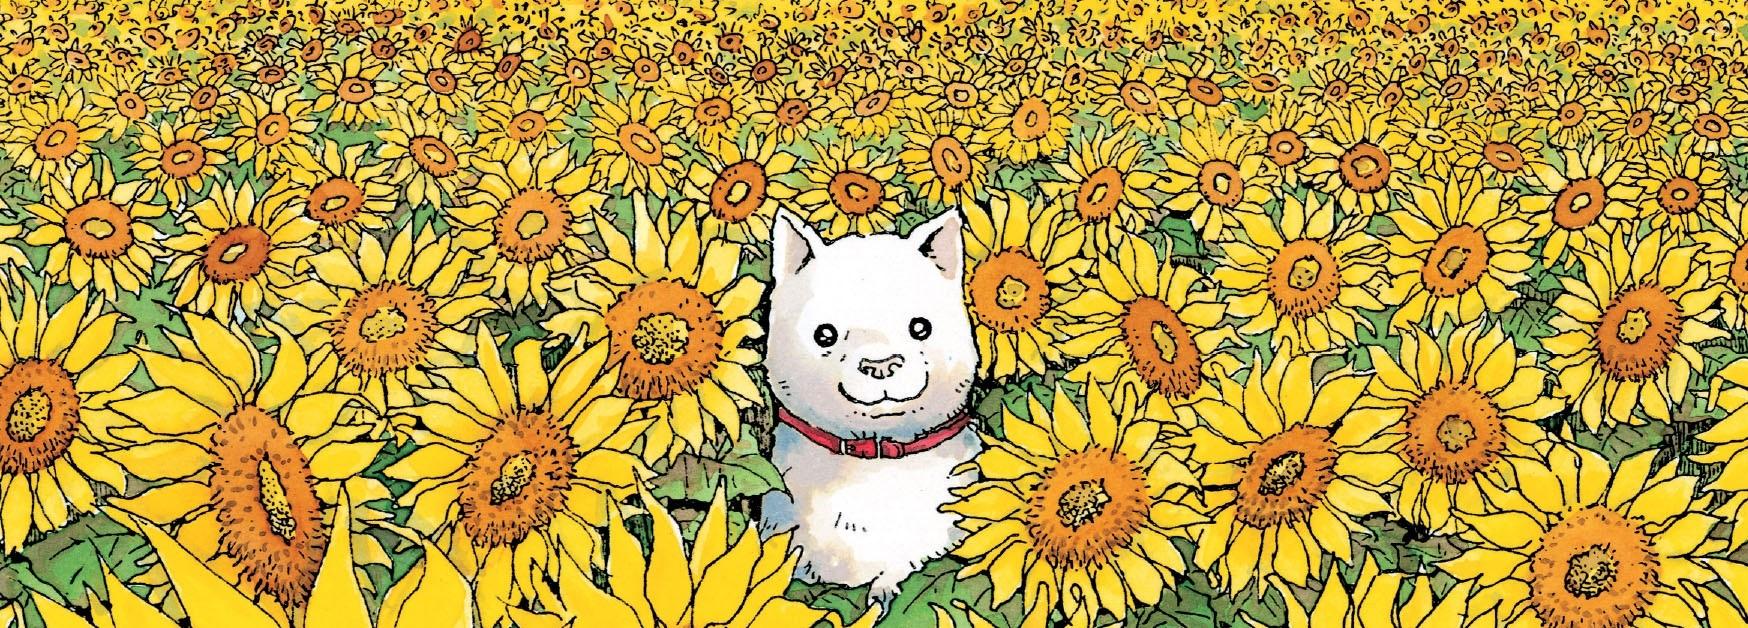 """[MANGÁS] """"O Cão que Guarda as Estrelas"""" e """"O Outro Cão que Guarda as Estrelas"""", de Takashi Murakami"""